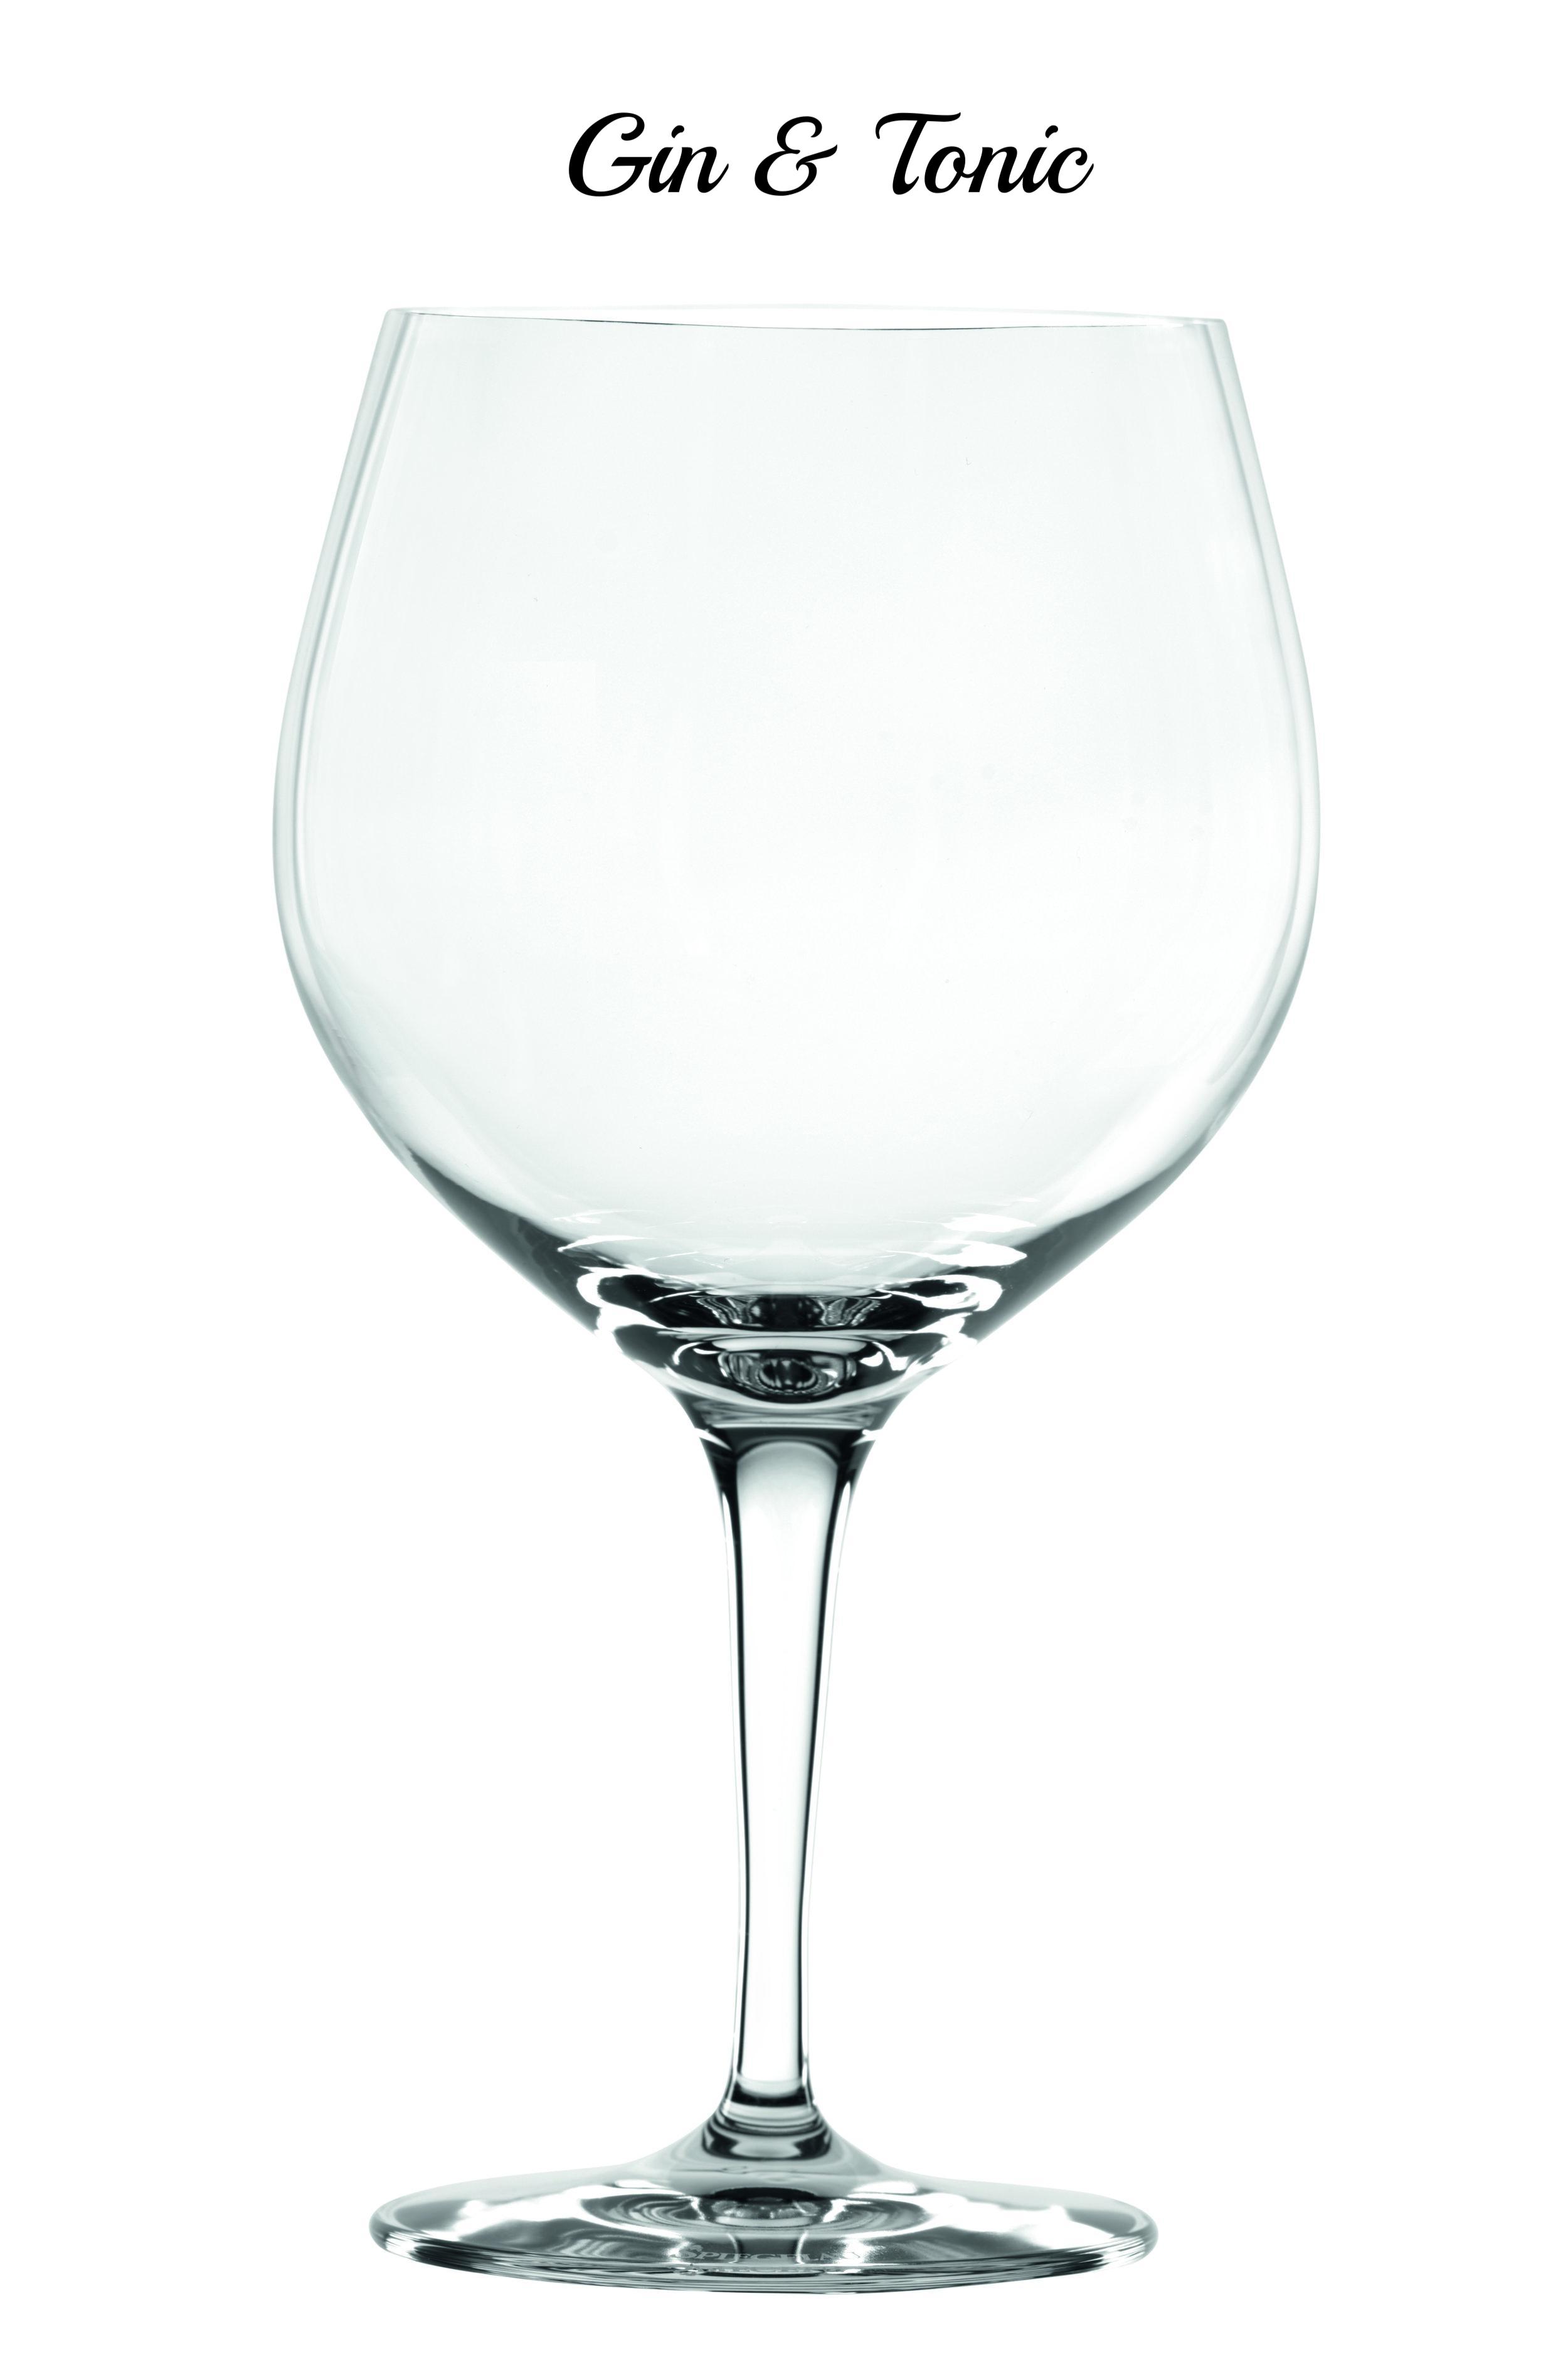 4390179 Gin & Tonic.jpg